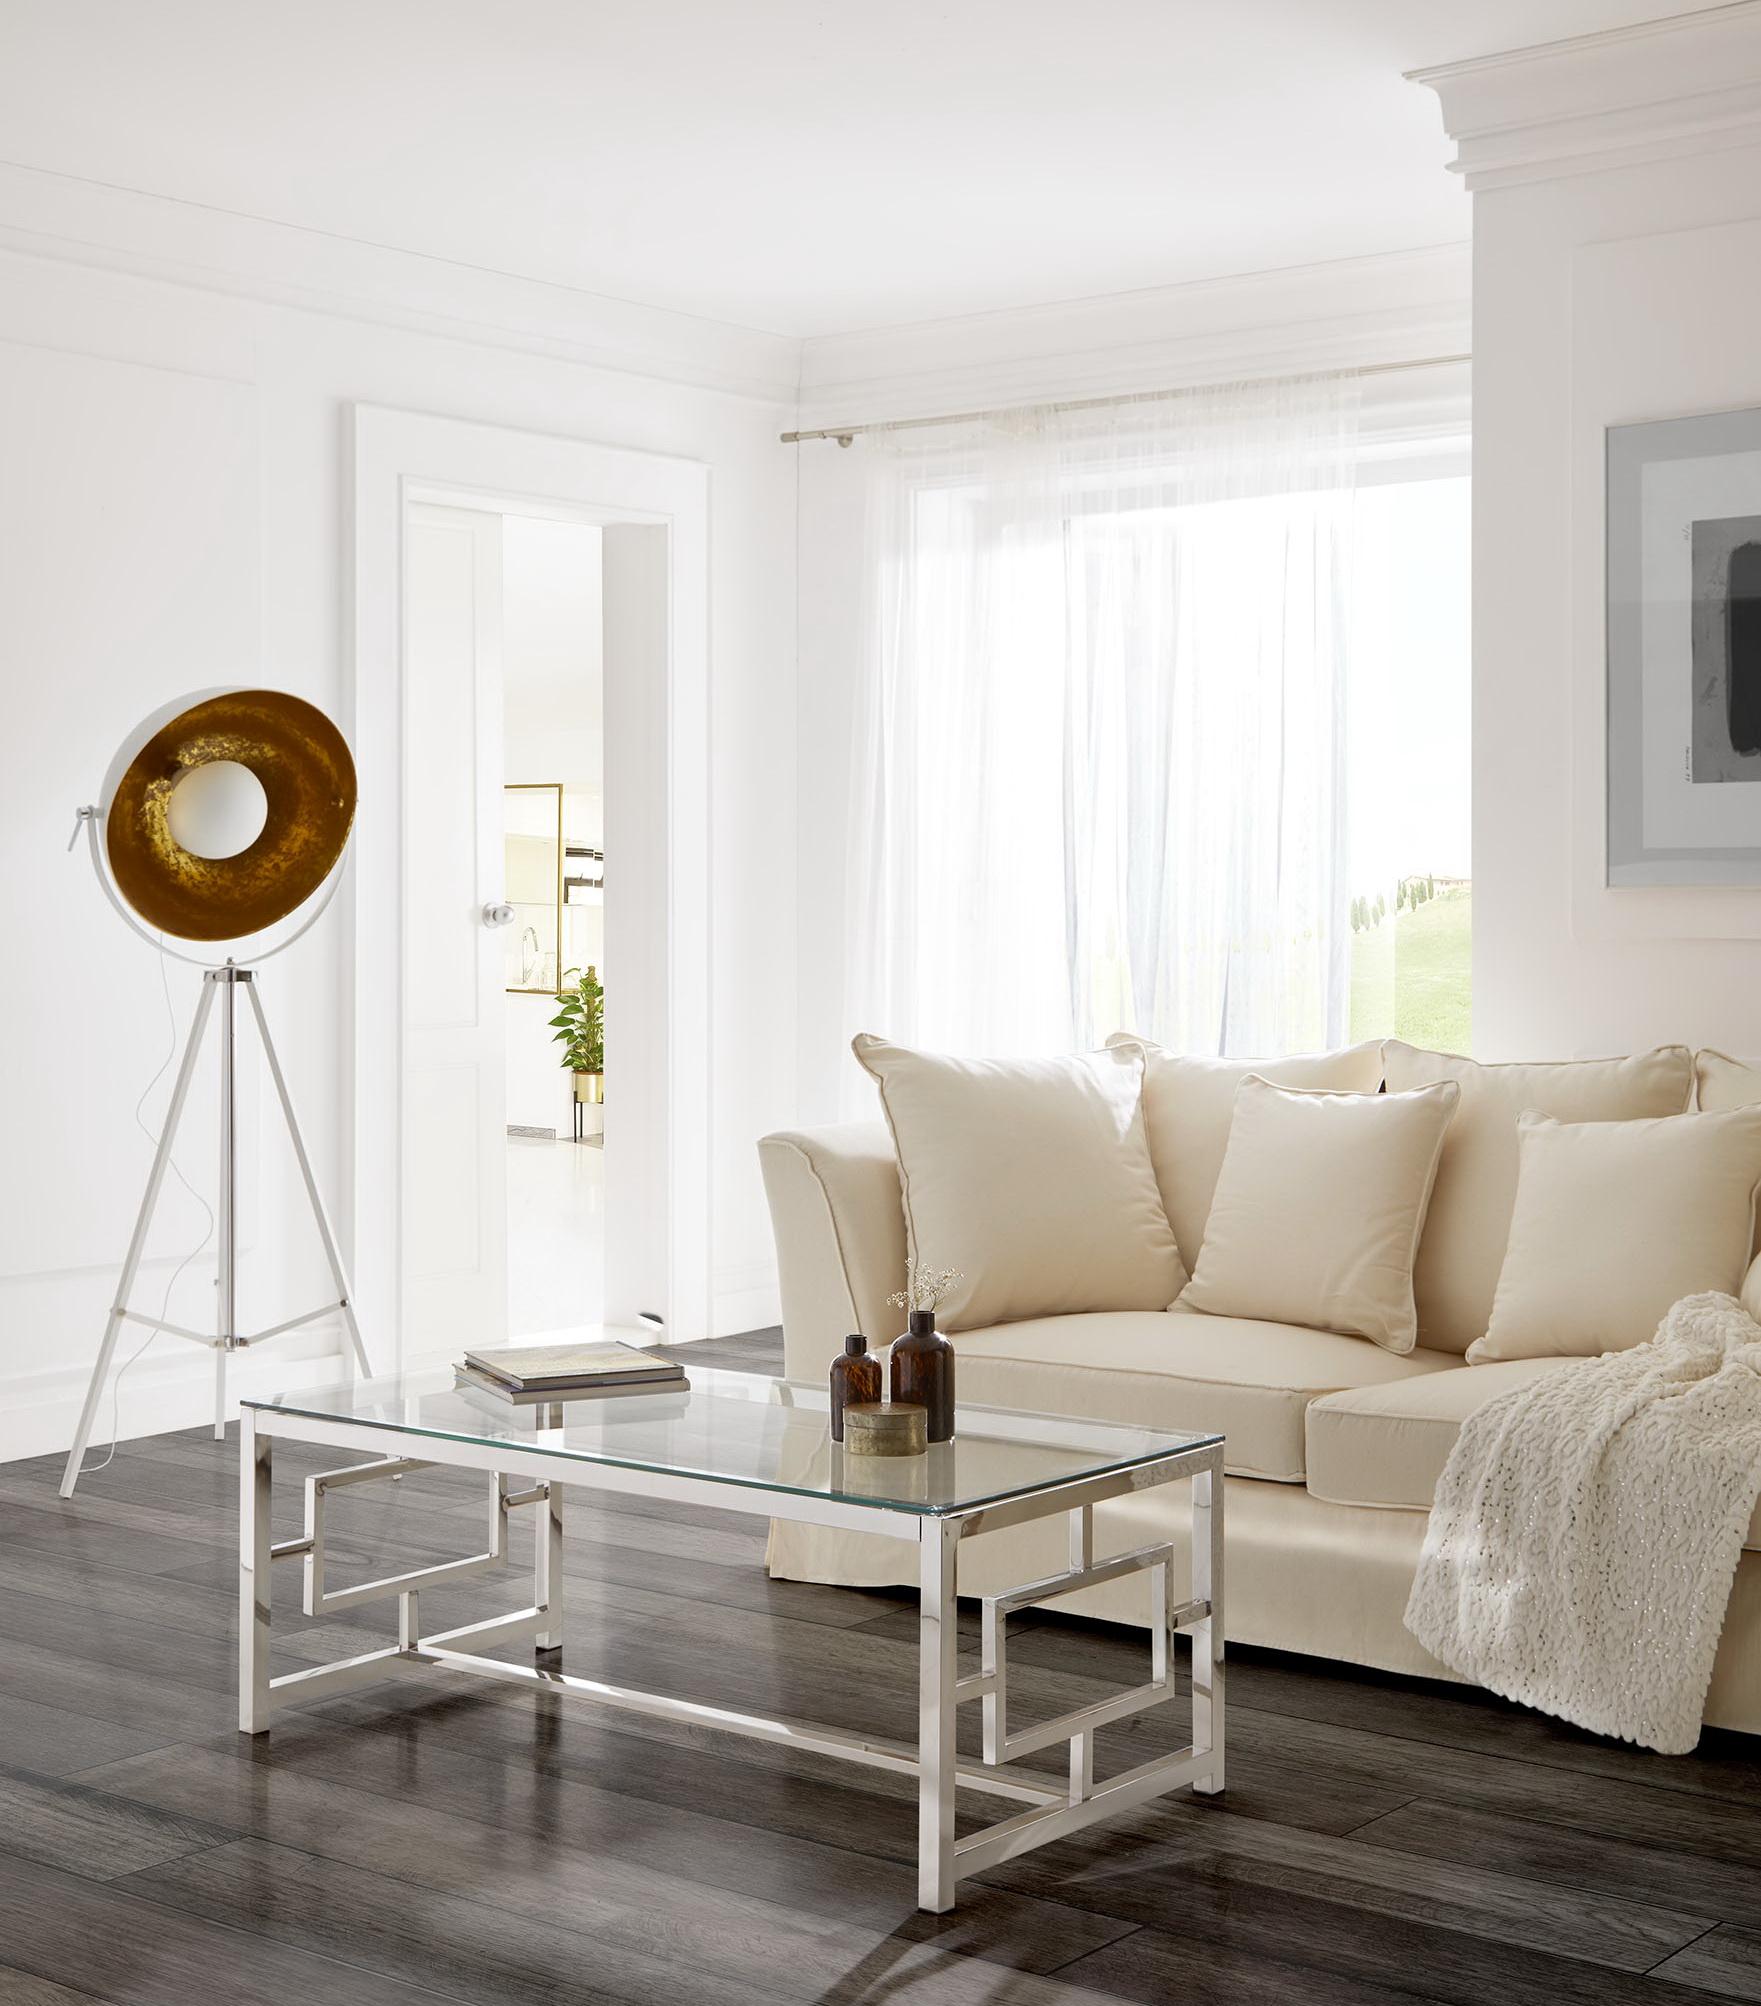 L mparas de pie estilo industrial by dugar home grupo for Muebles estilo industrial baratos